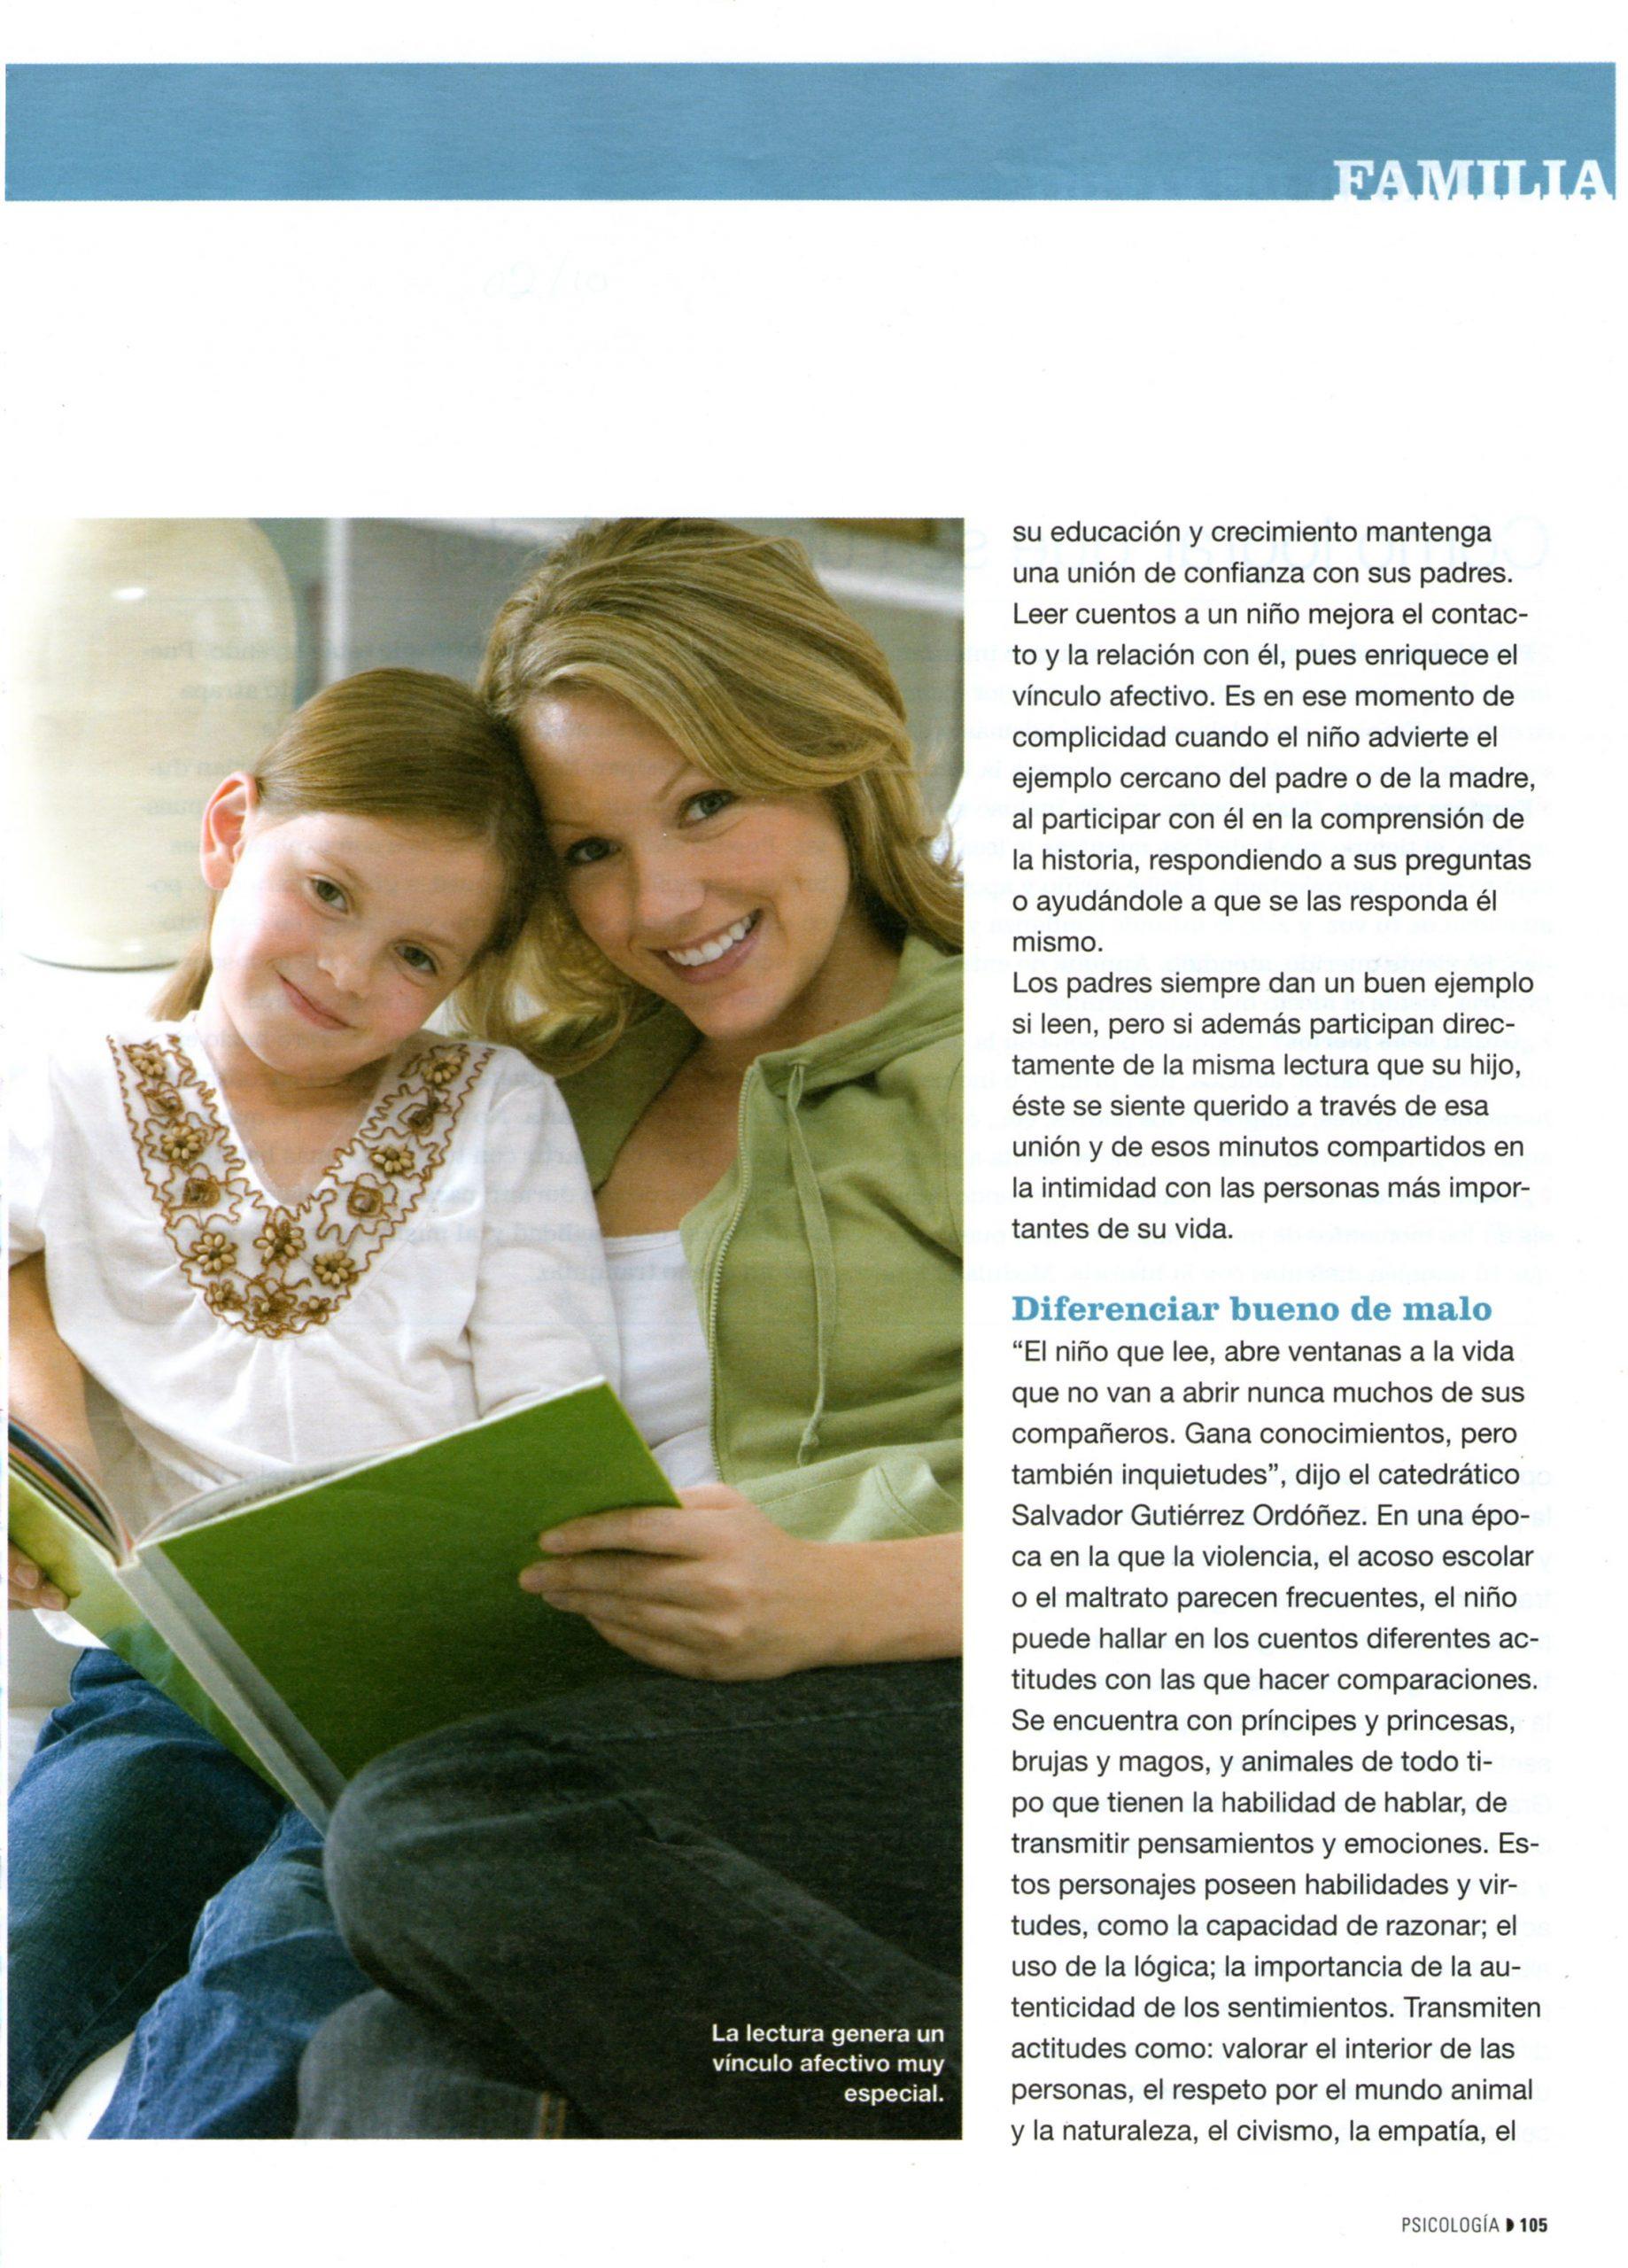 TE-DESAHOGAS-CON-LOS-DEMÁS-pag-3-PSICOLOGÍA-PRÁCTICA-11-2007-Mar-Cantero-Sánchez-www.marcanterosanchez.com